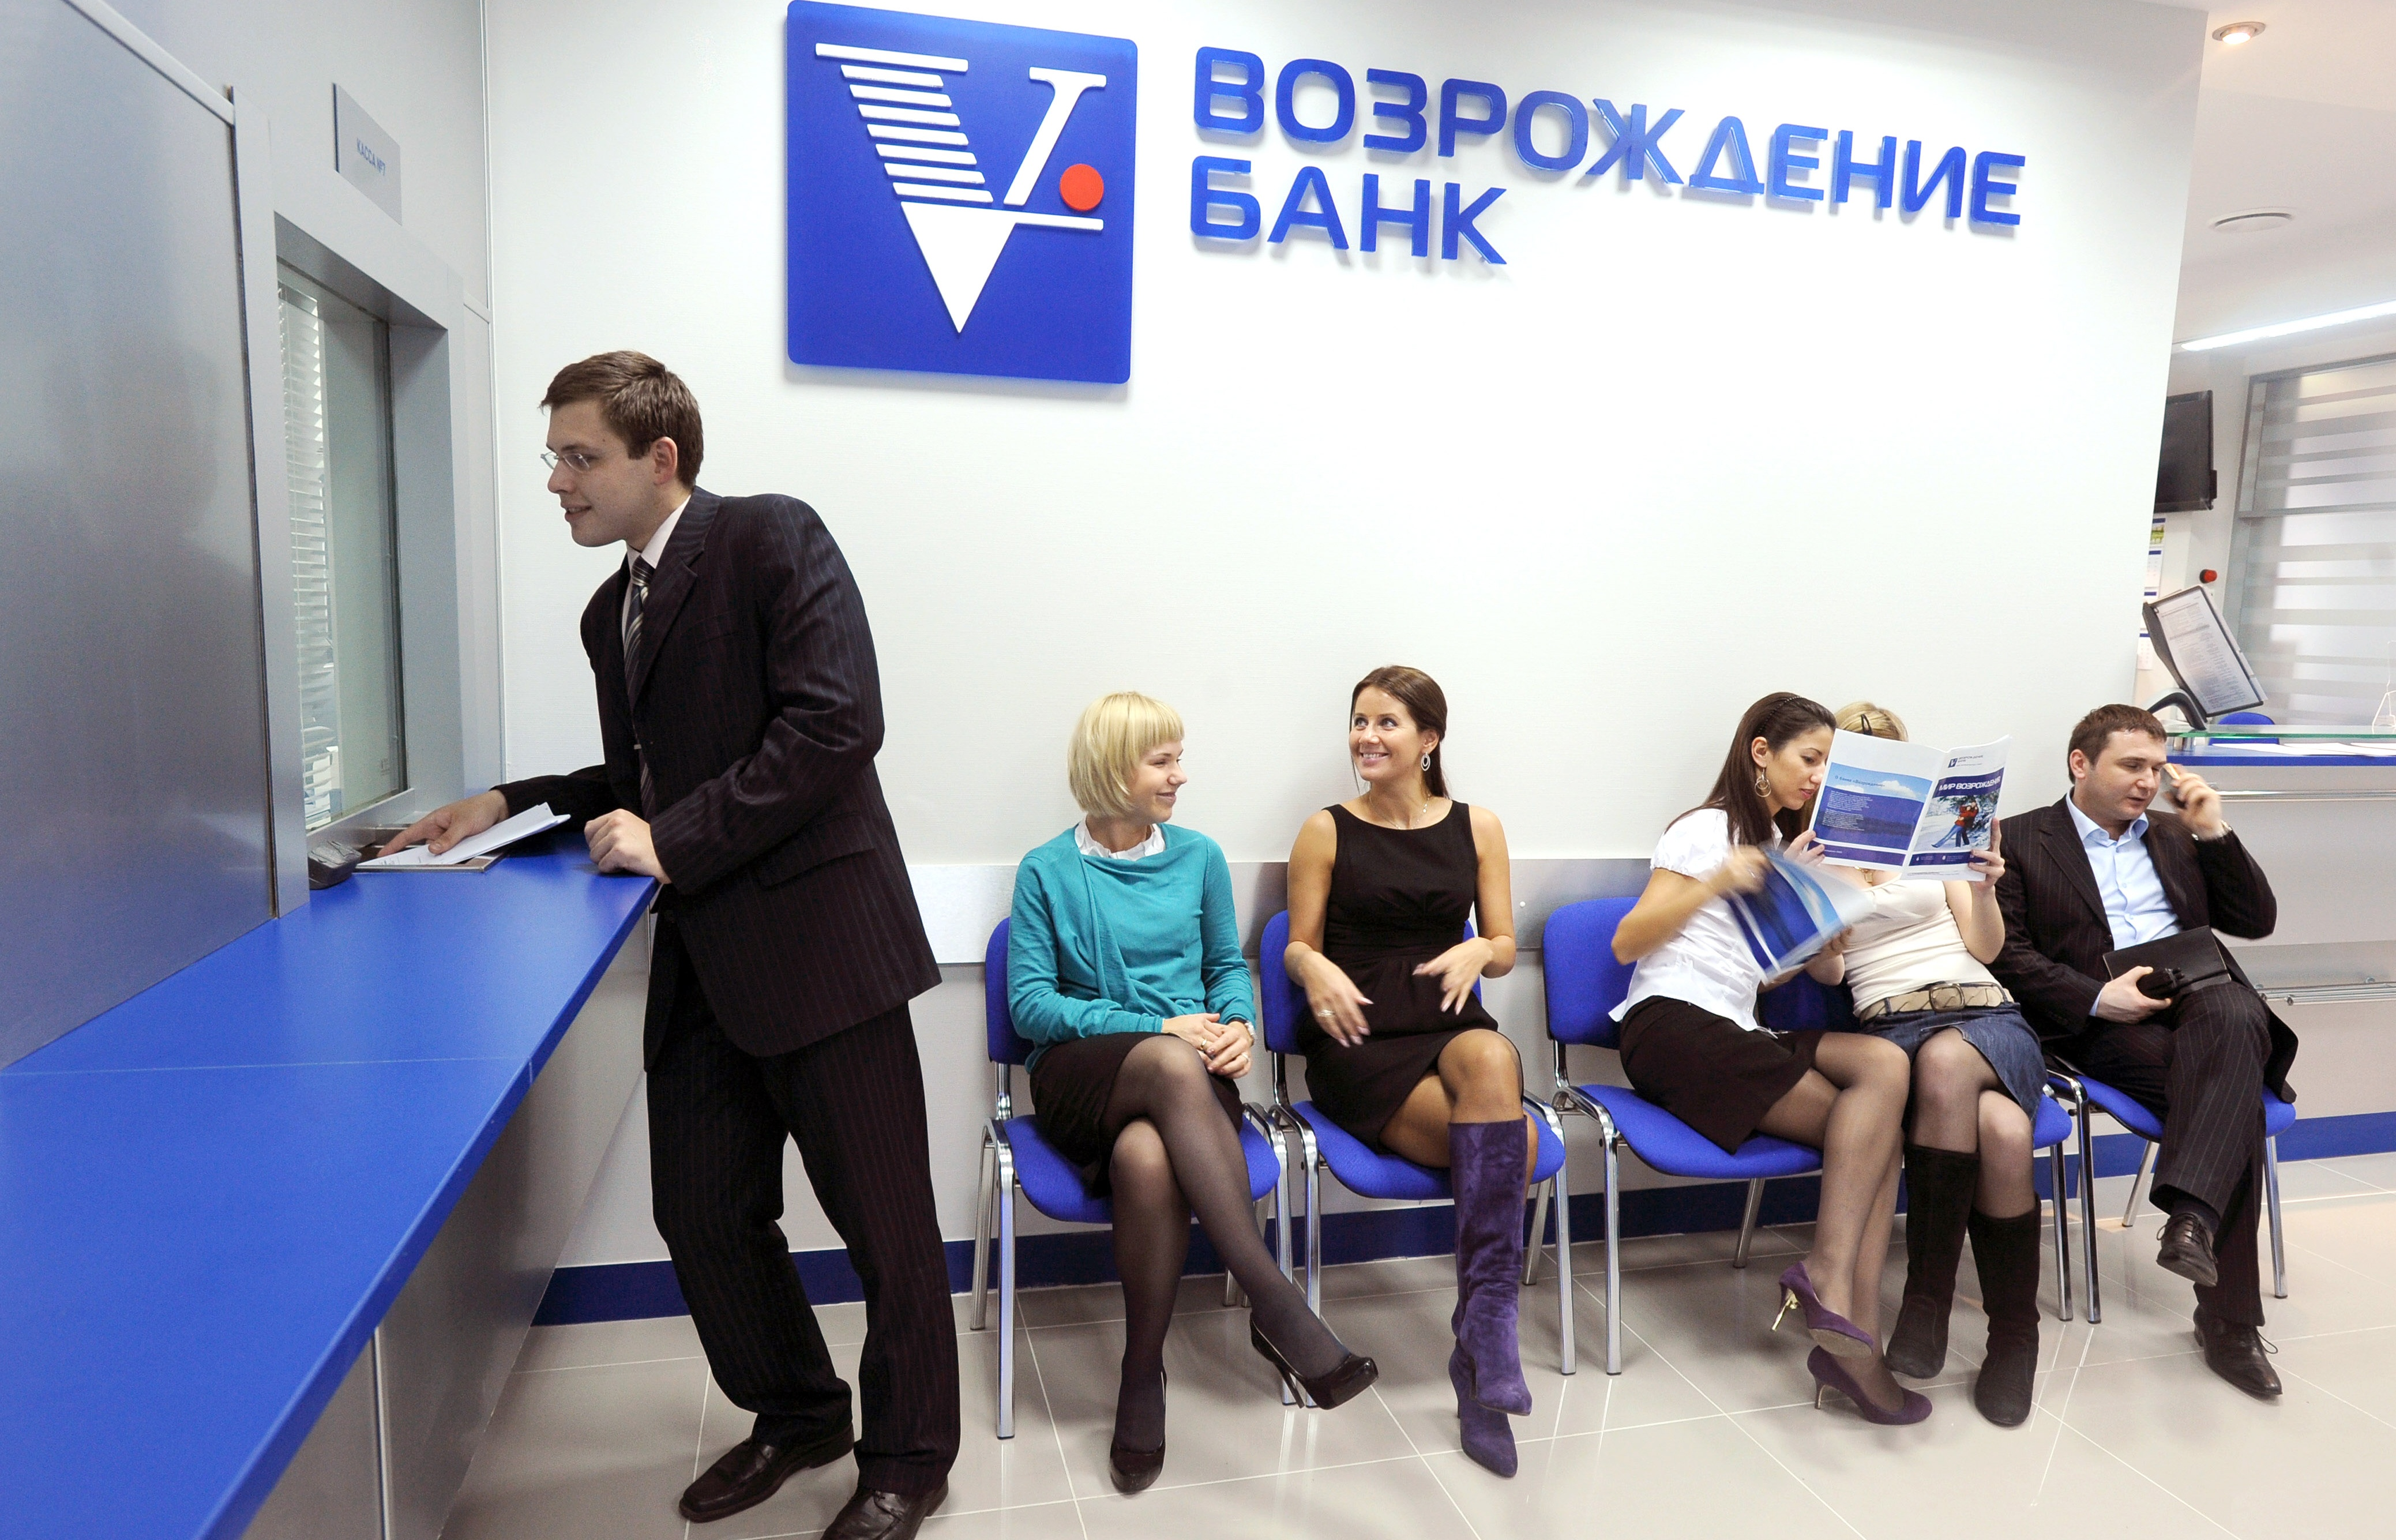 Условия для оформления потребительского кредита банка «Возрождение»